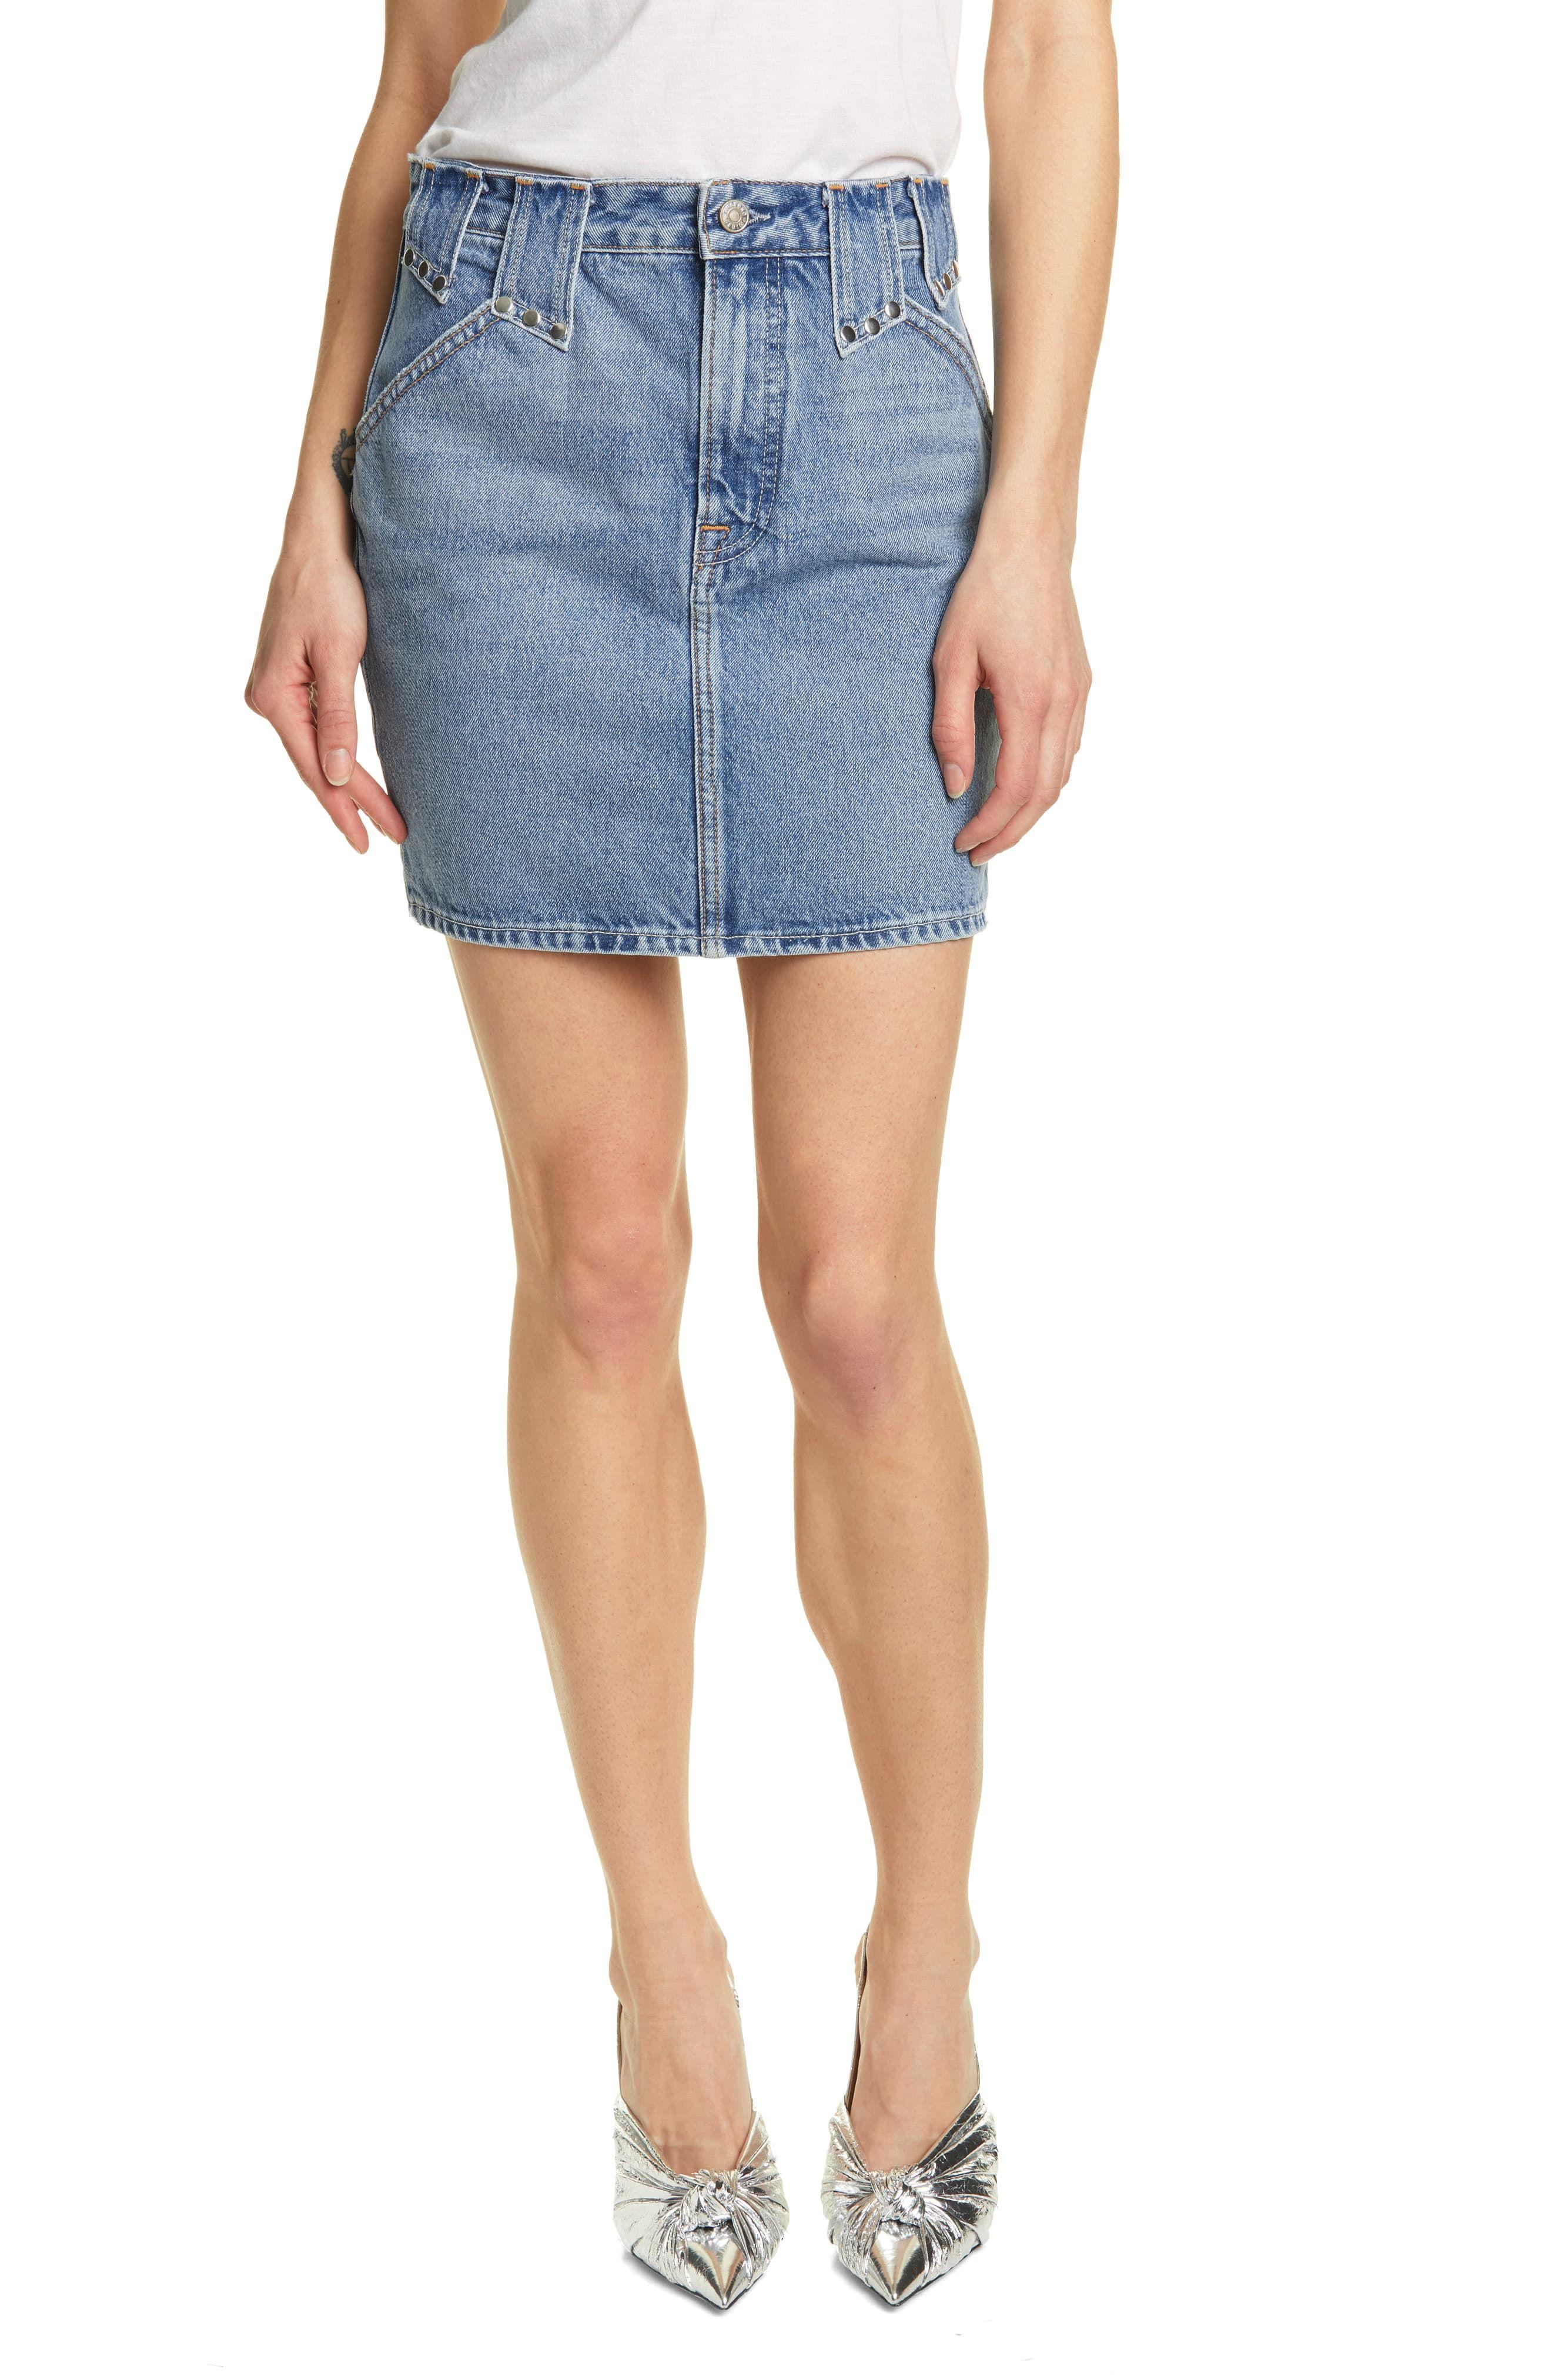 20e3a91db7 Women's Grlfrnd Sora High Waist Denim Miniskirt, Size 24 - Blue in ...